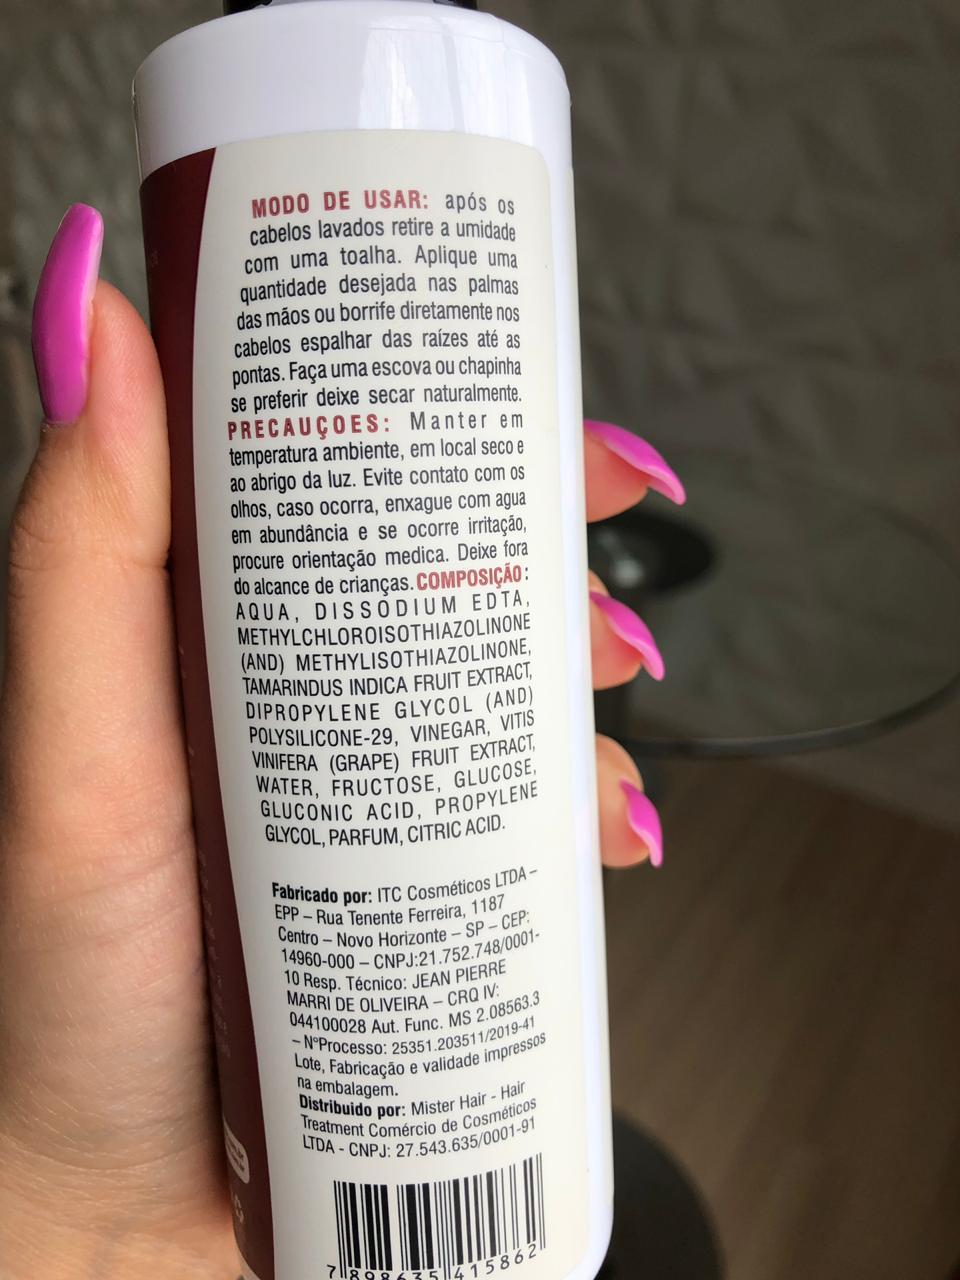 bio-air-vinagre-capilar-fluido-selante-da-mister-hair-e-bom-resenha-composicao